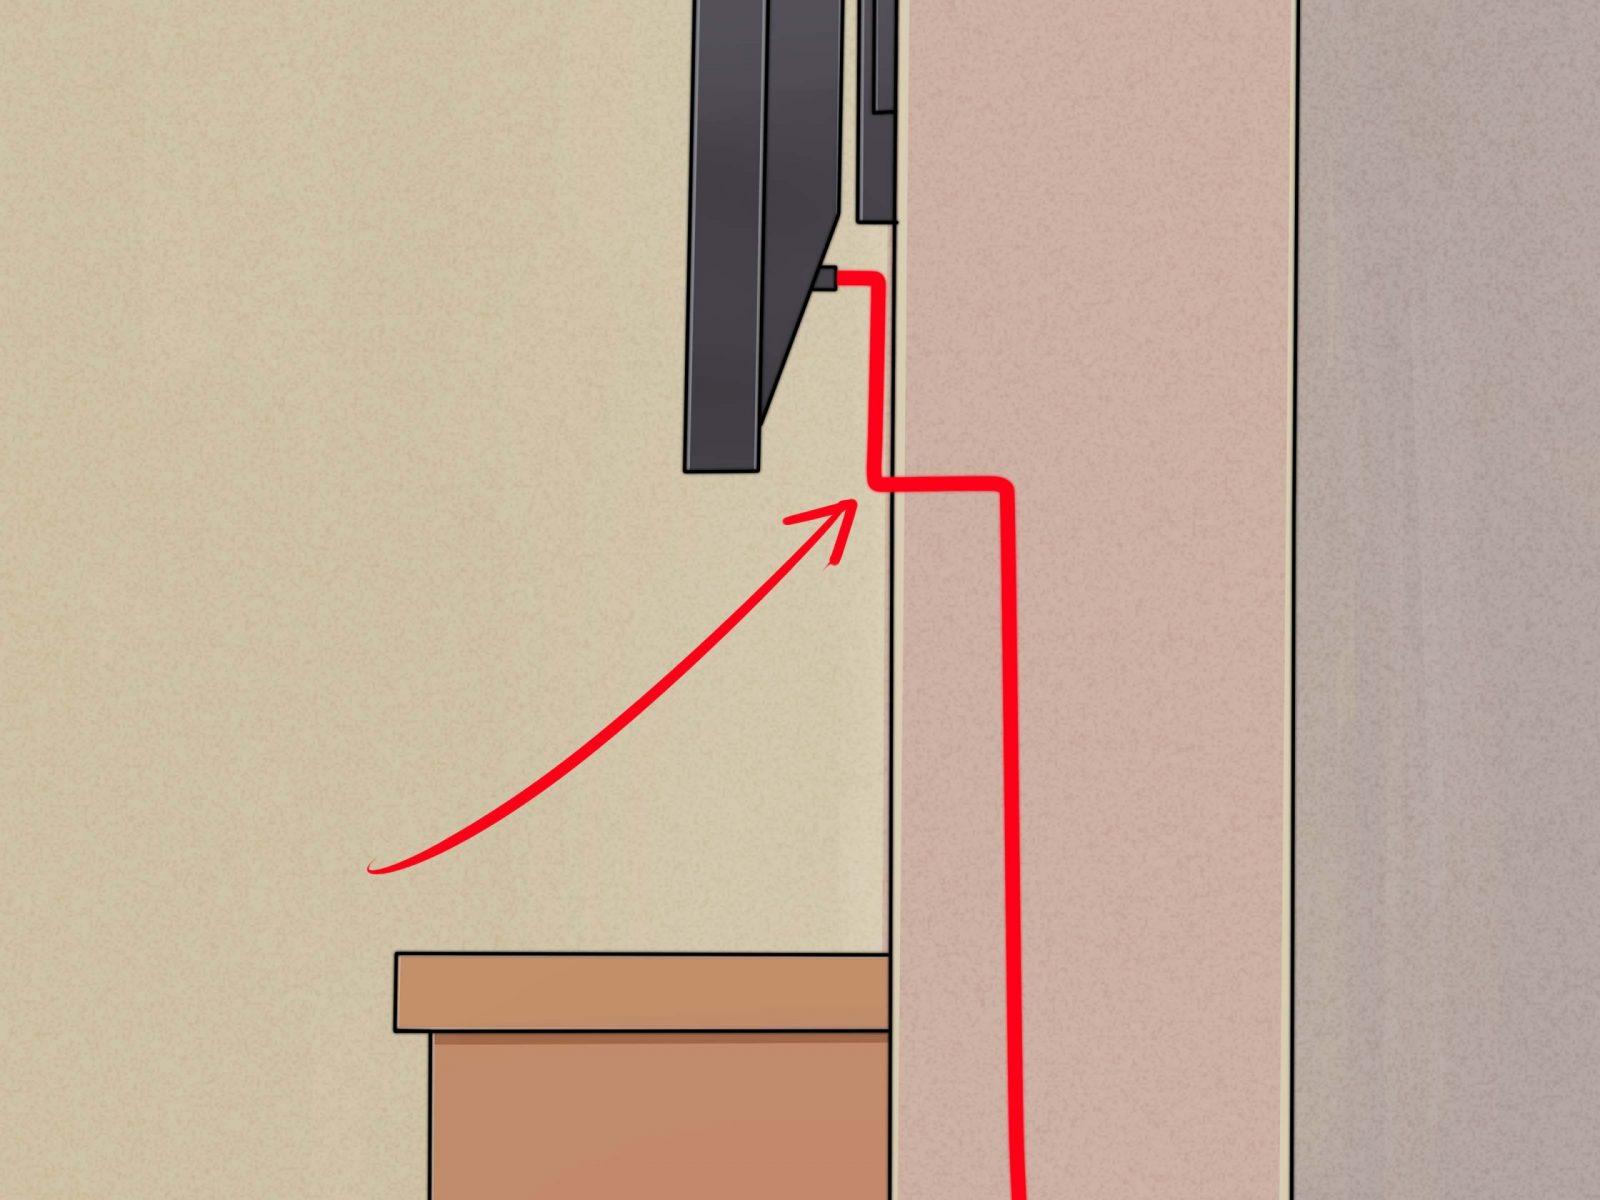 Einen Flachbildfernseher Ohne Sichtbare Kabel An Die Wand Montieren von Fernseher An Wand Kabel Verstecken Bild